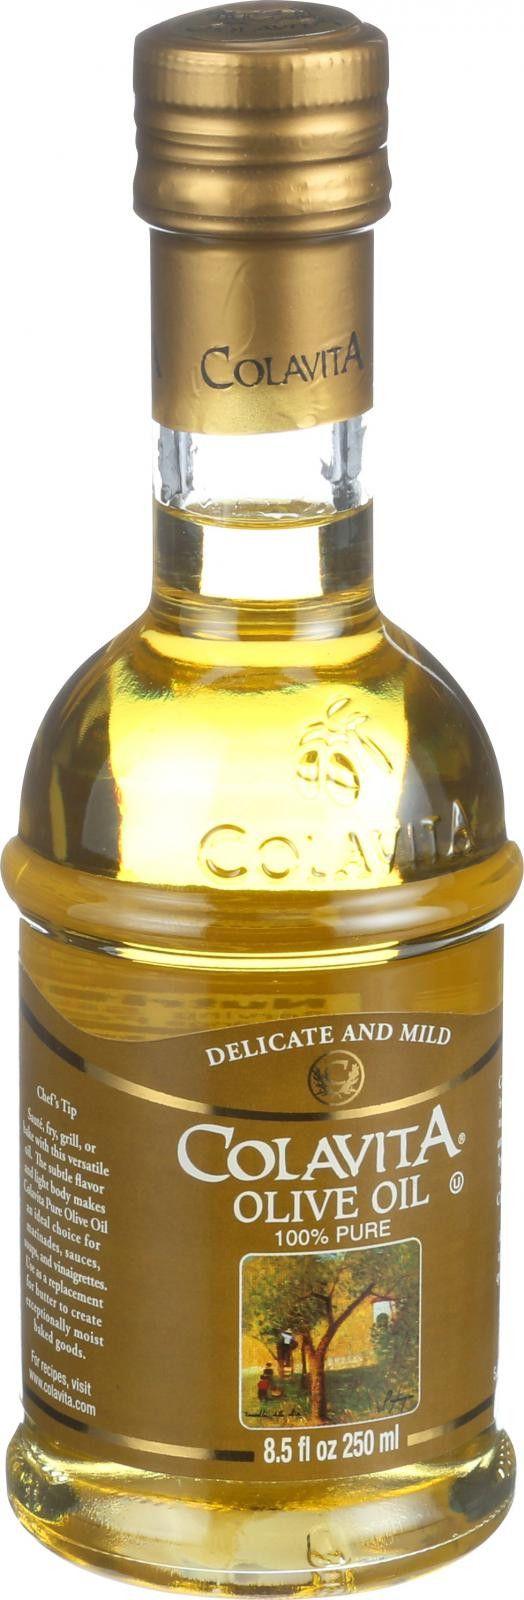 Colavita Olive Oil - Pure - 8.5 oz